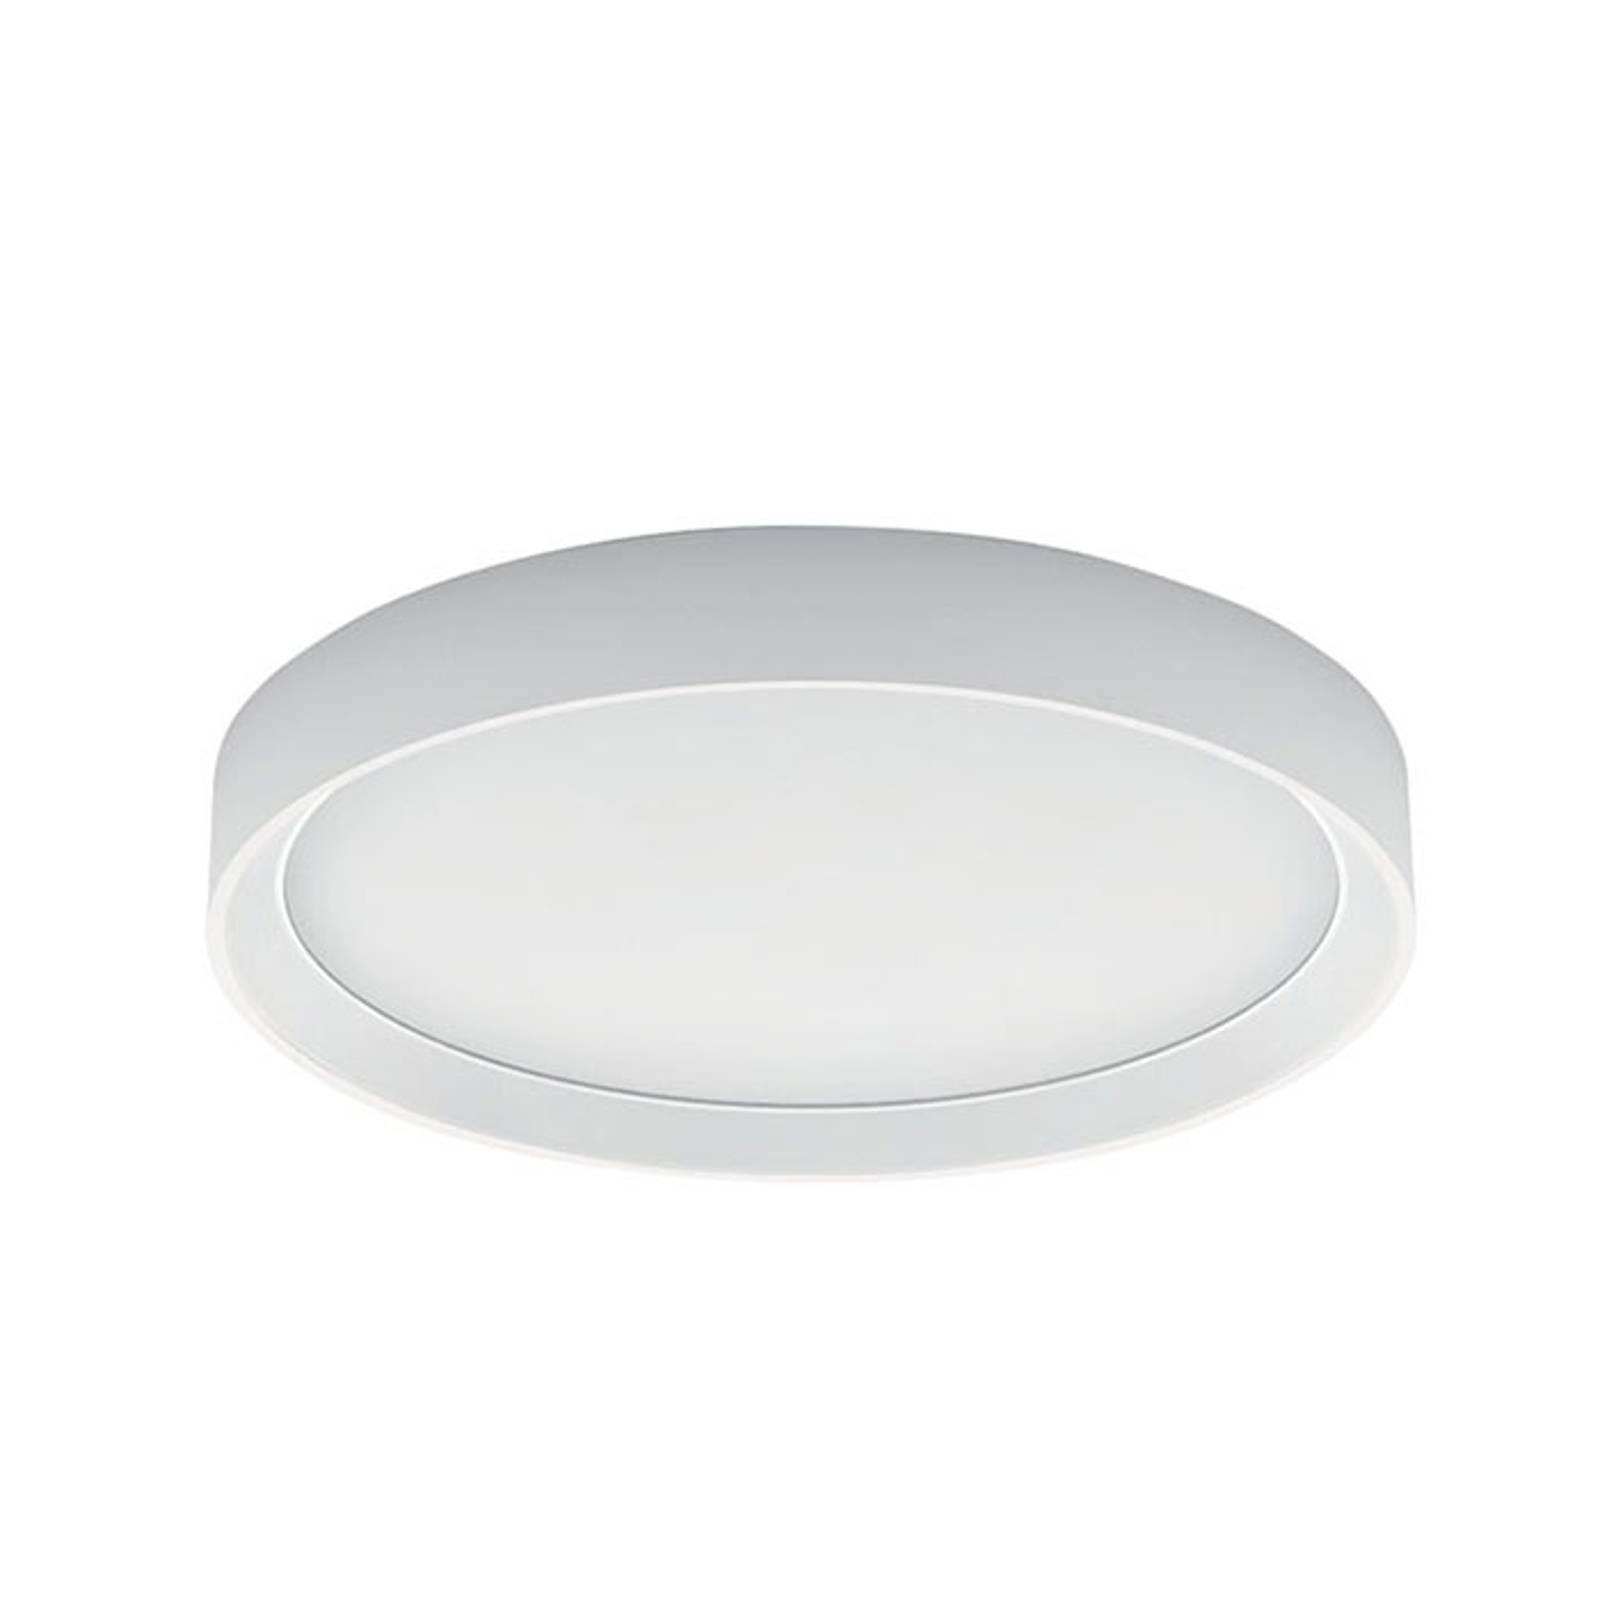 LED plafondlamp Tara R, rond, Ø 41 cm